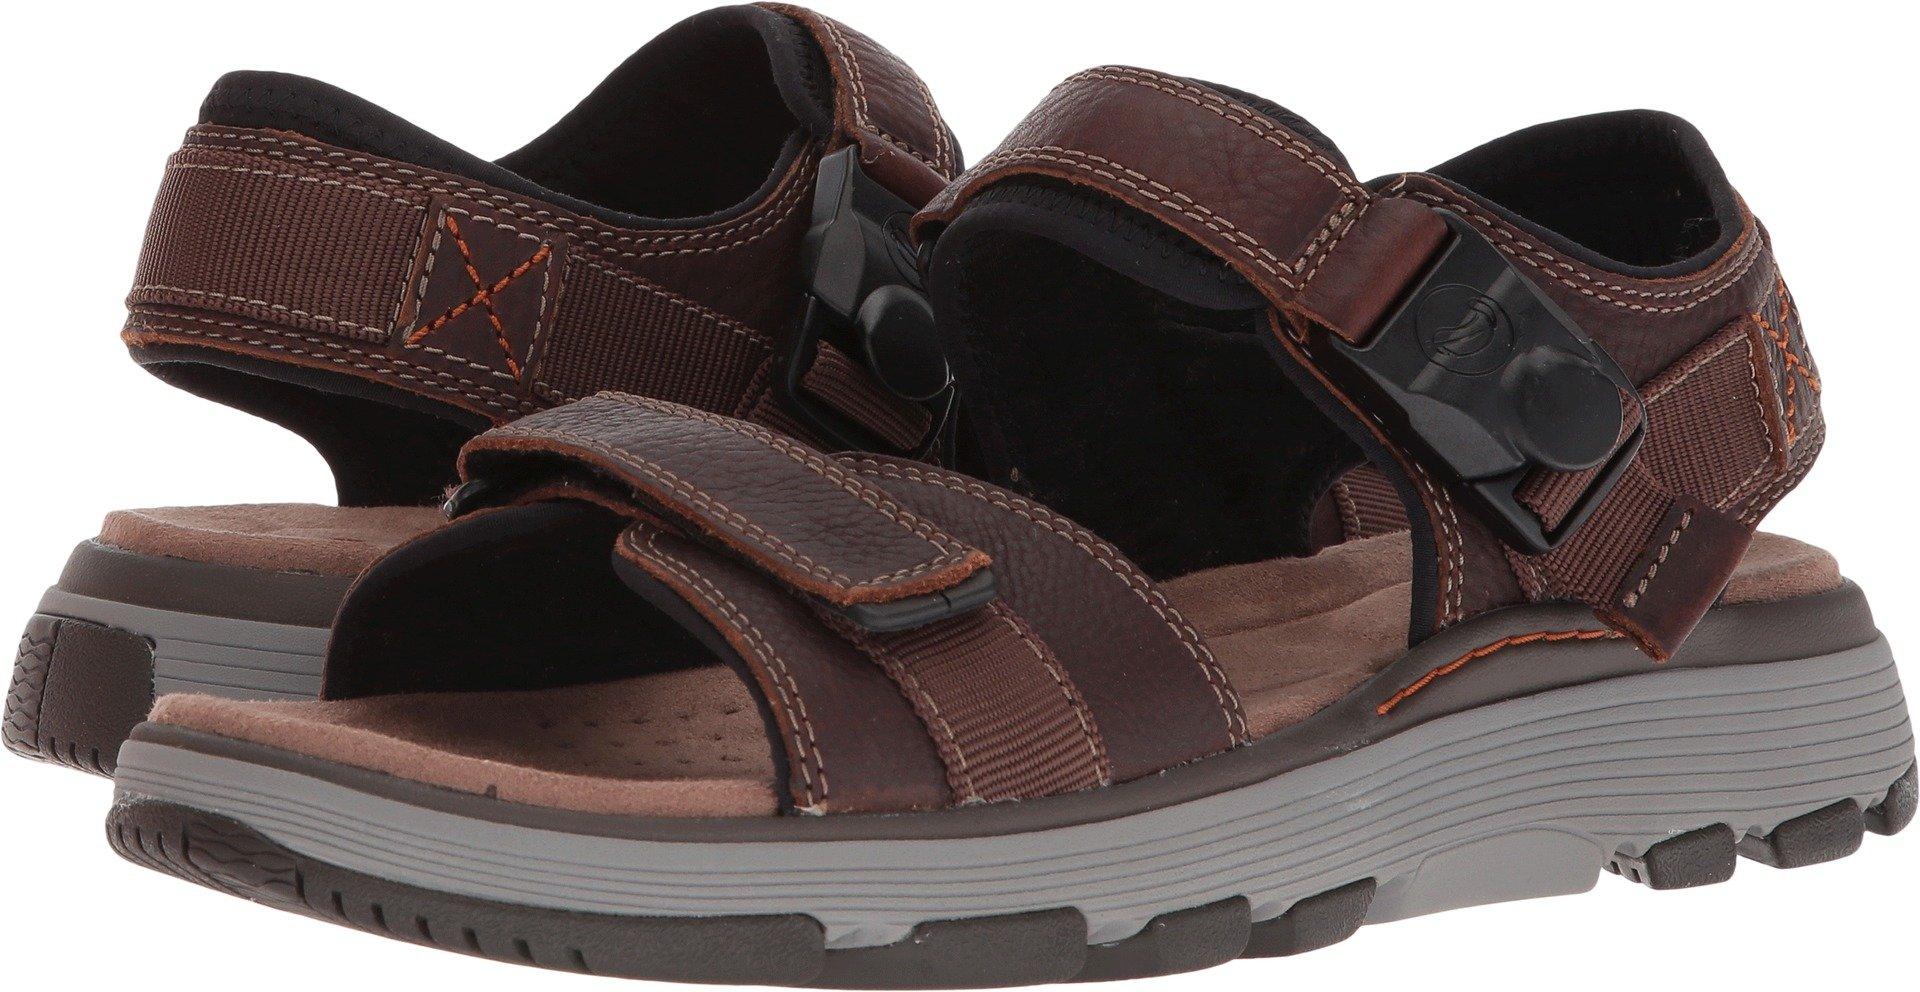 43a1e34167 Galleon - CLARKS Mens Un Trek Part Sandal, Dark Tan Leather, Size 9.5